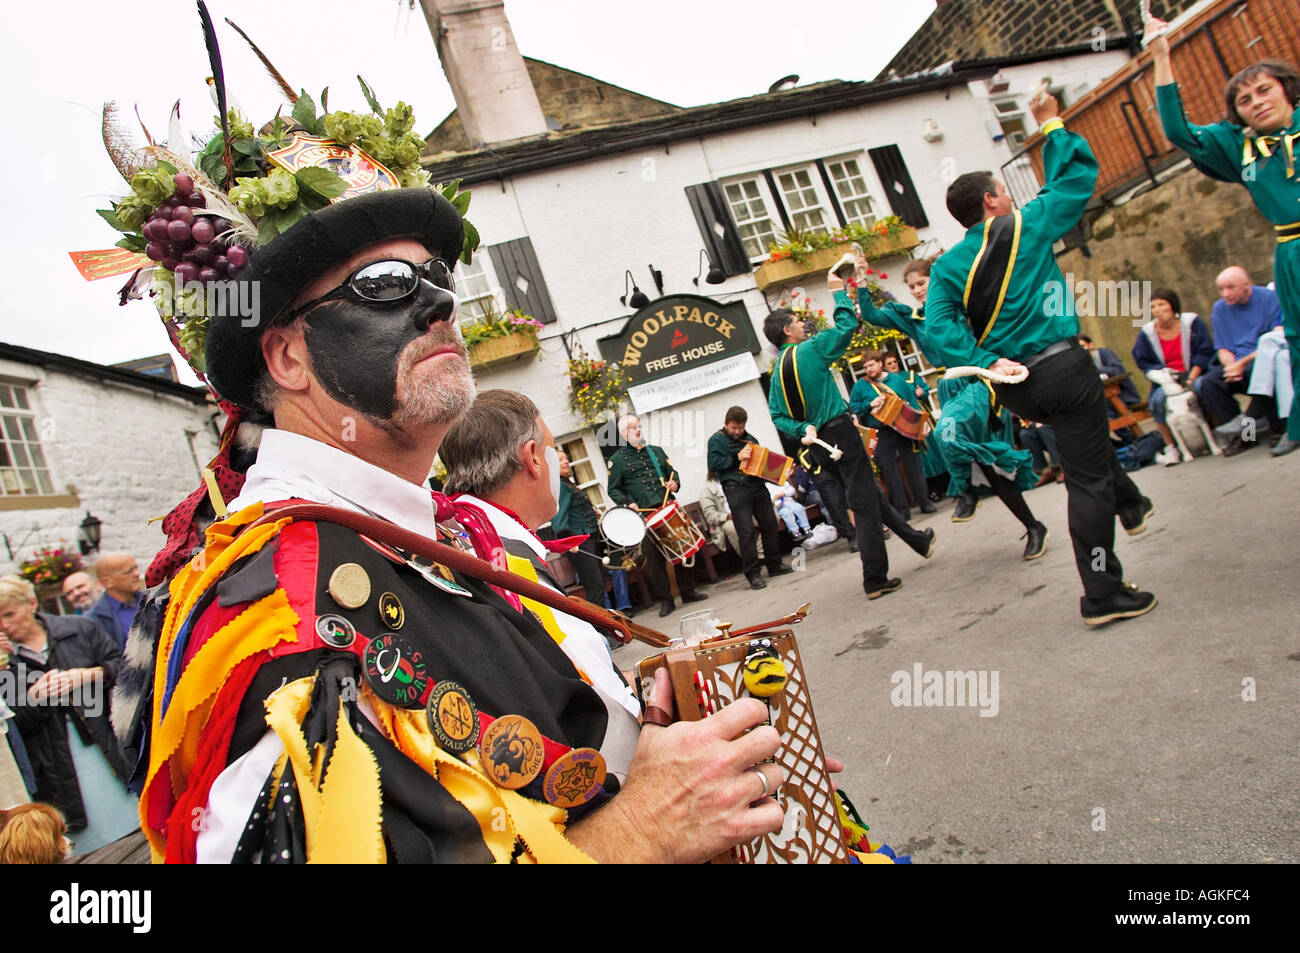 Wayzgoose morris Homme joue pour accordéon les danseurs morris dancing un Folk Festival Yorkshire Angleterre UK Photo Stock